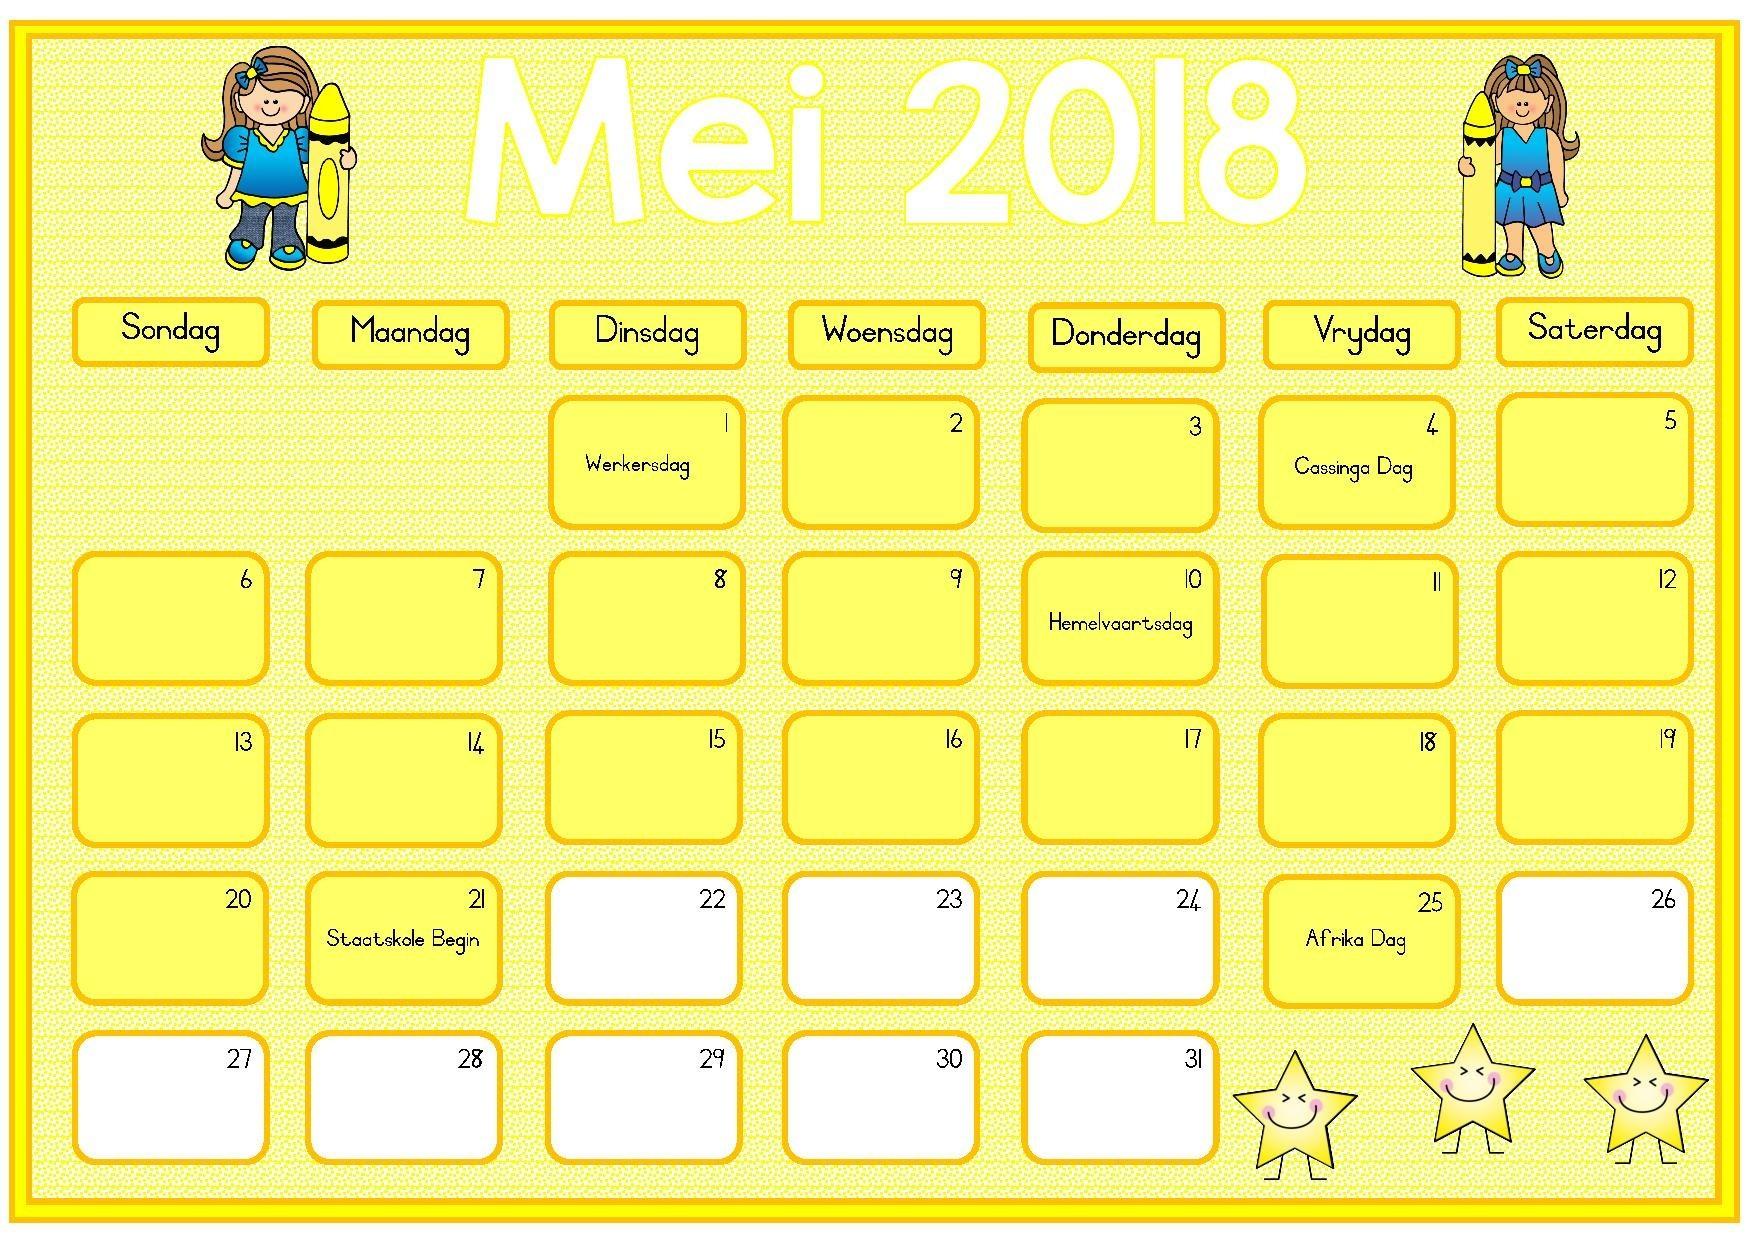 Kalender 2019 Lengkap Jawa Pdf Más Recientes Examinar Download Kalender 2019 Pdf Lengkap Of Kalender 2019 Lengkap Jawa Pdf Actual Weihnachtsdeko 2019 Basteln